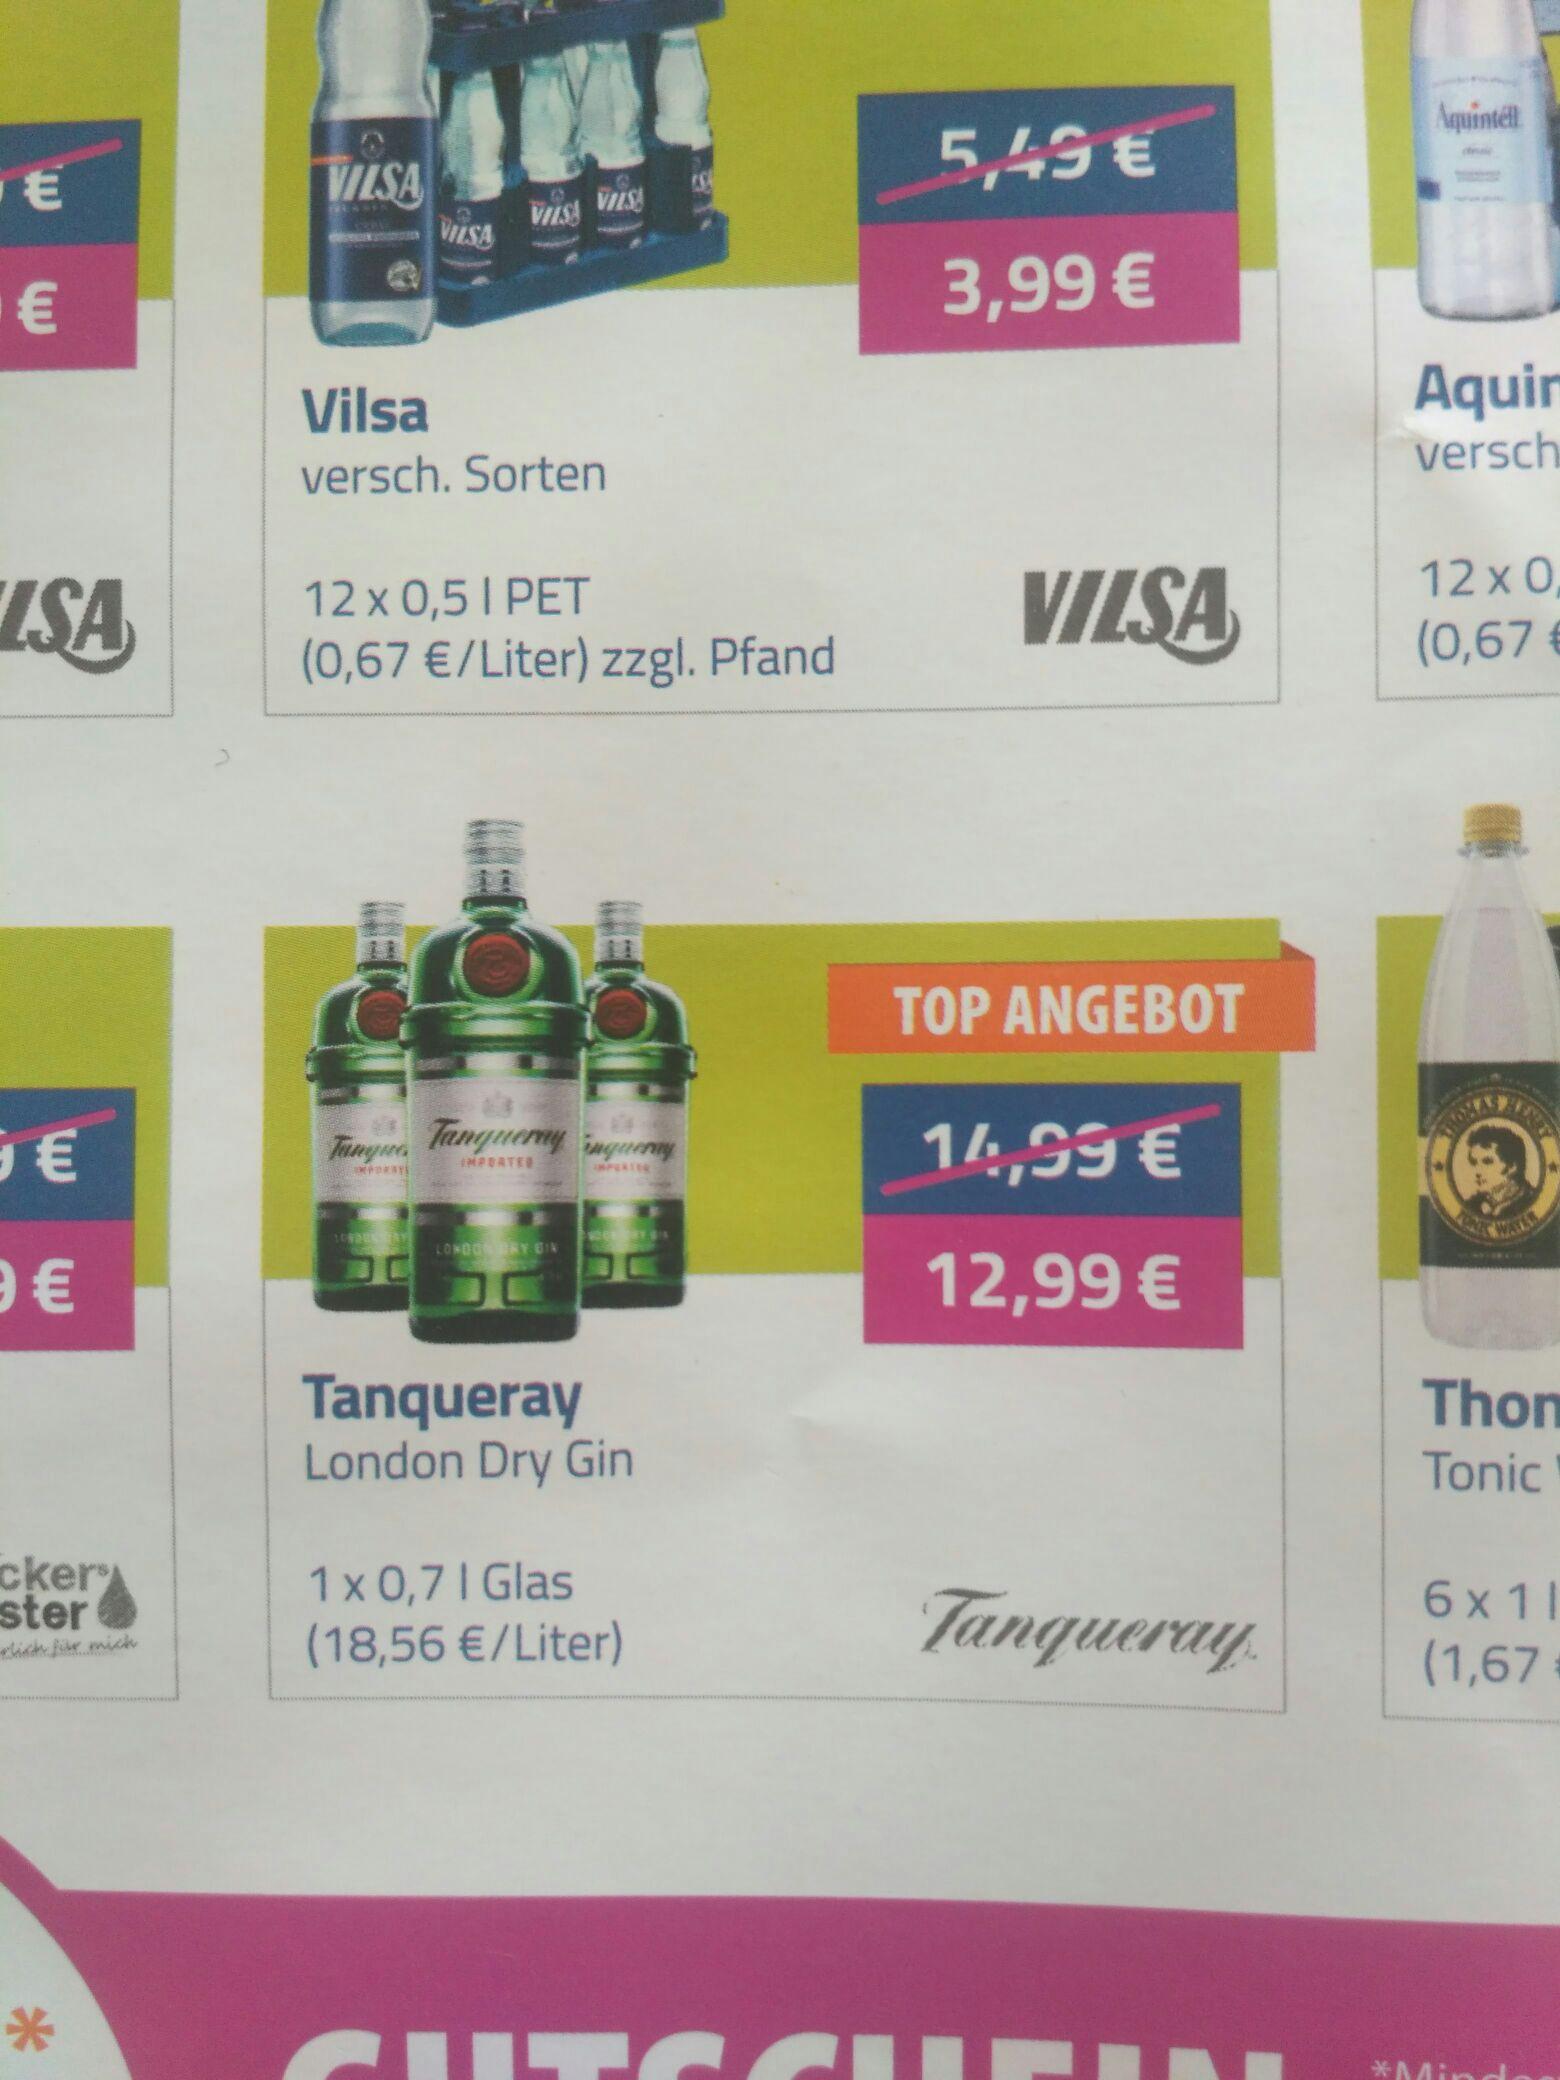 2x 0,7 l Tanqueray London Dry Gin, Flaschenpost Neukunden, Bremen